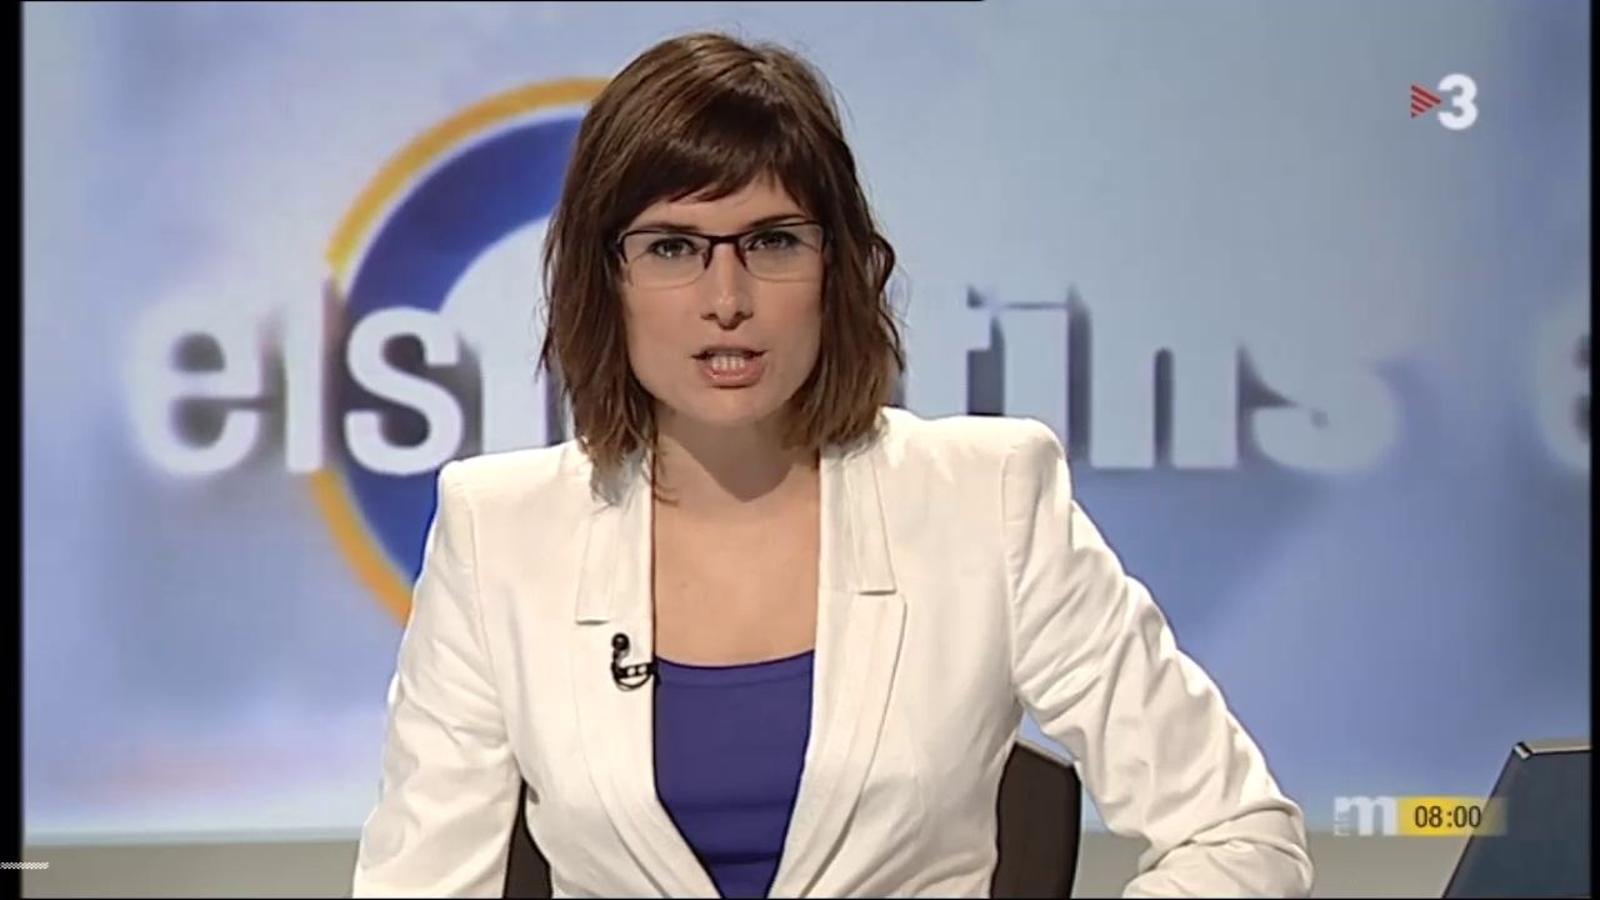 Ariadna Oltra engega la temporada d''Els matins' de TV3 amb nous col·laboradors i nova imatge corporativa